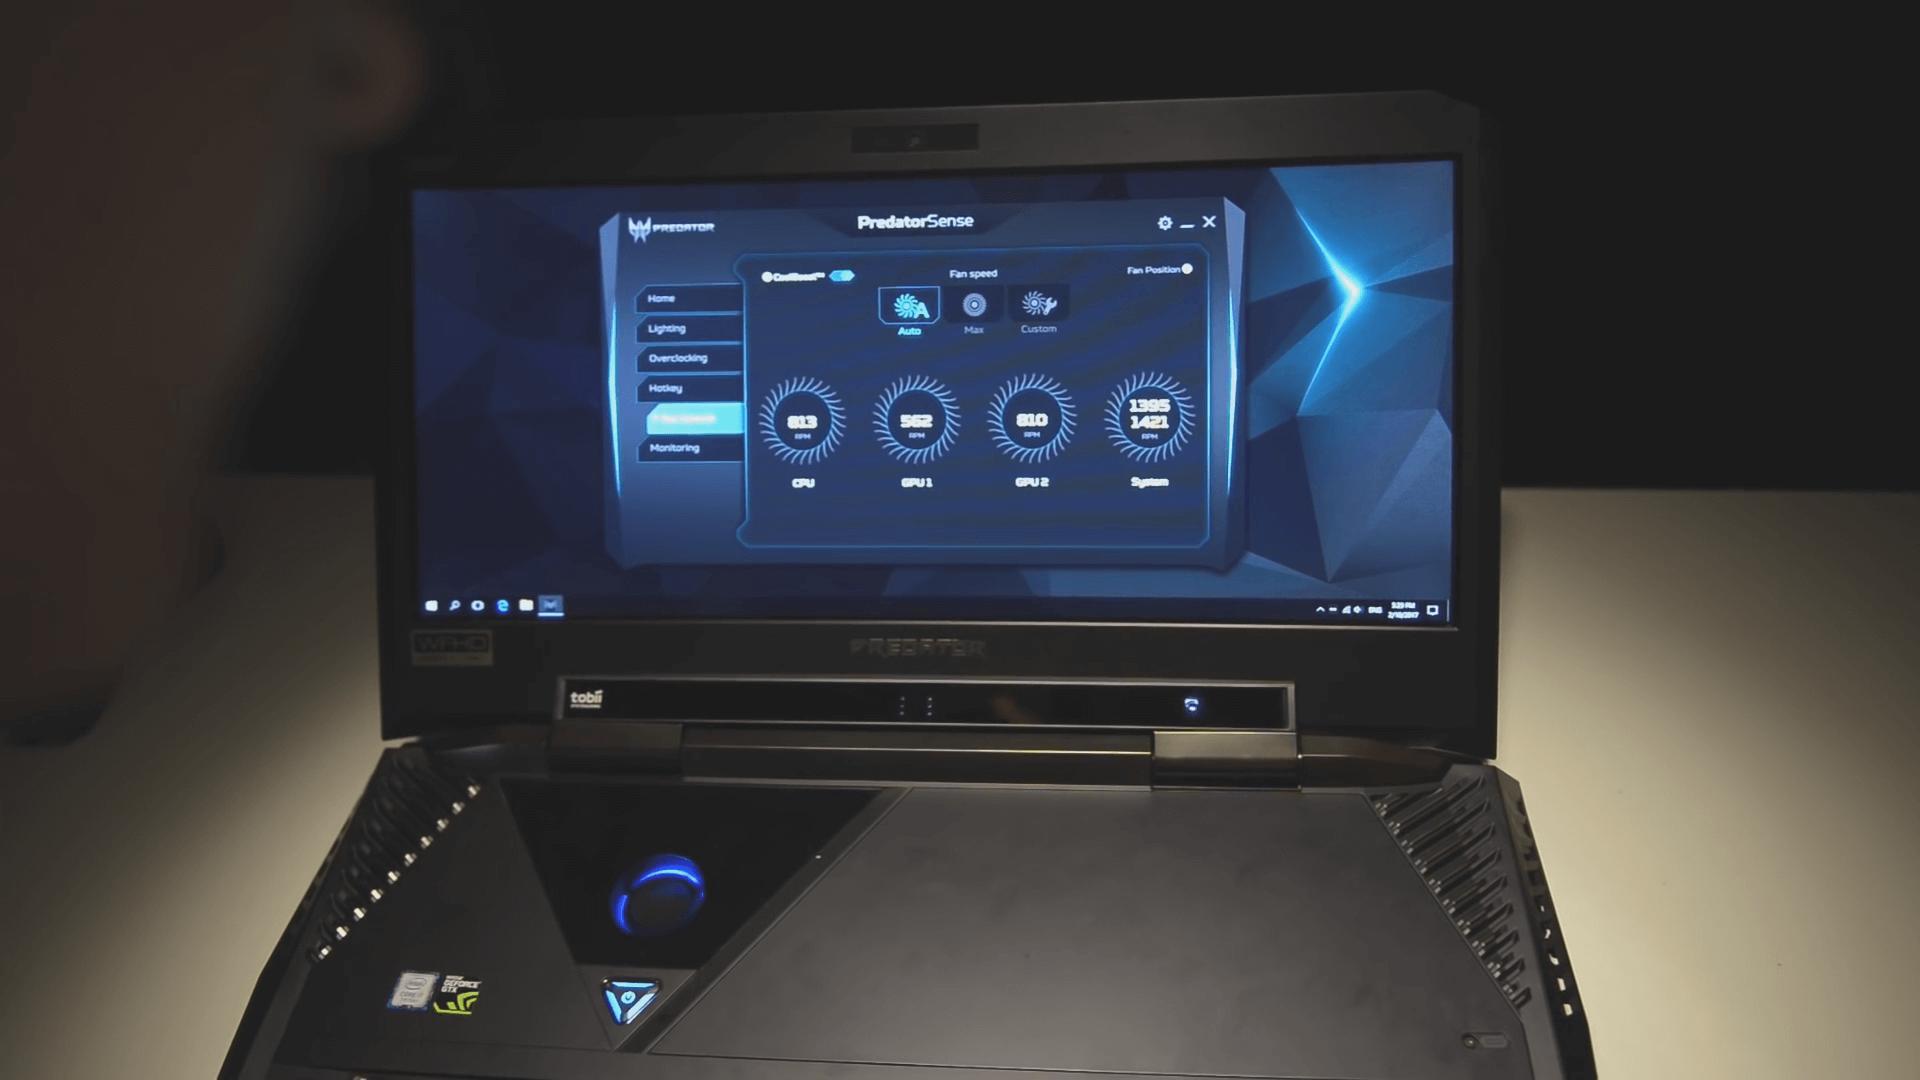 Acer predator 21 x характеристики